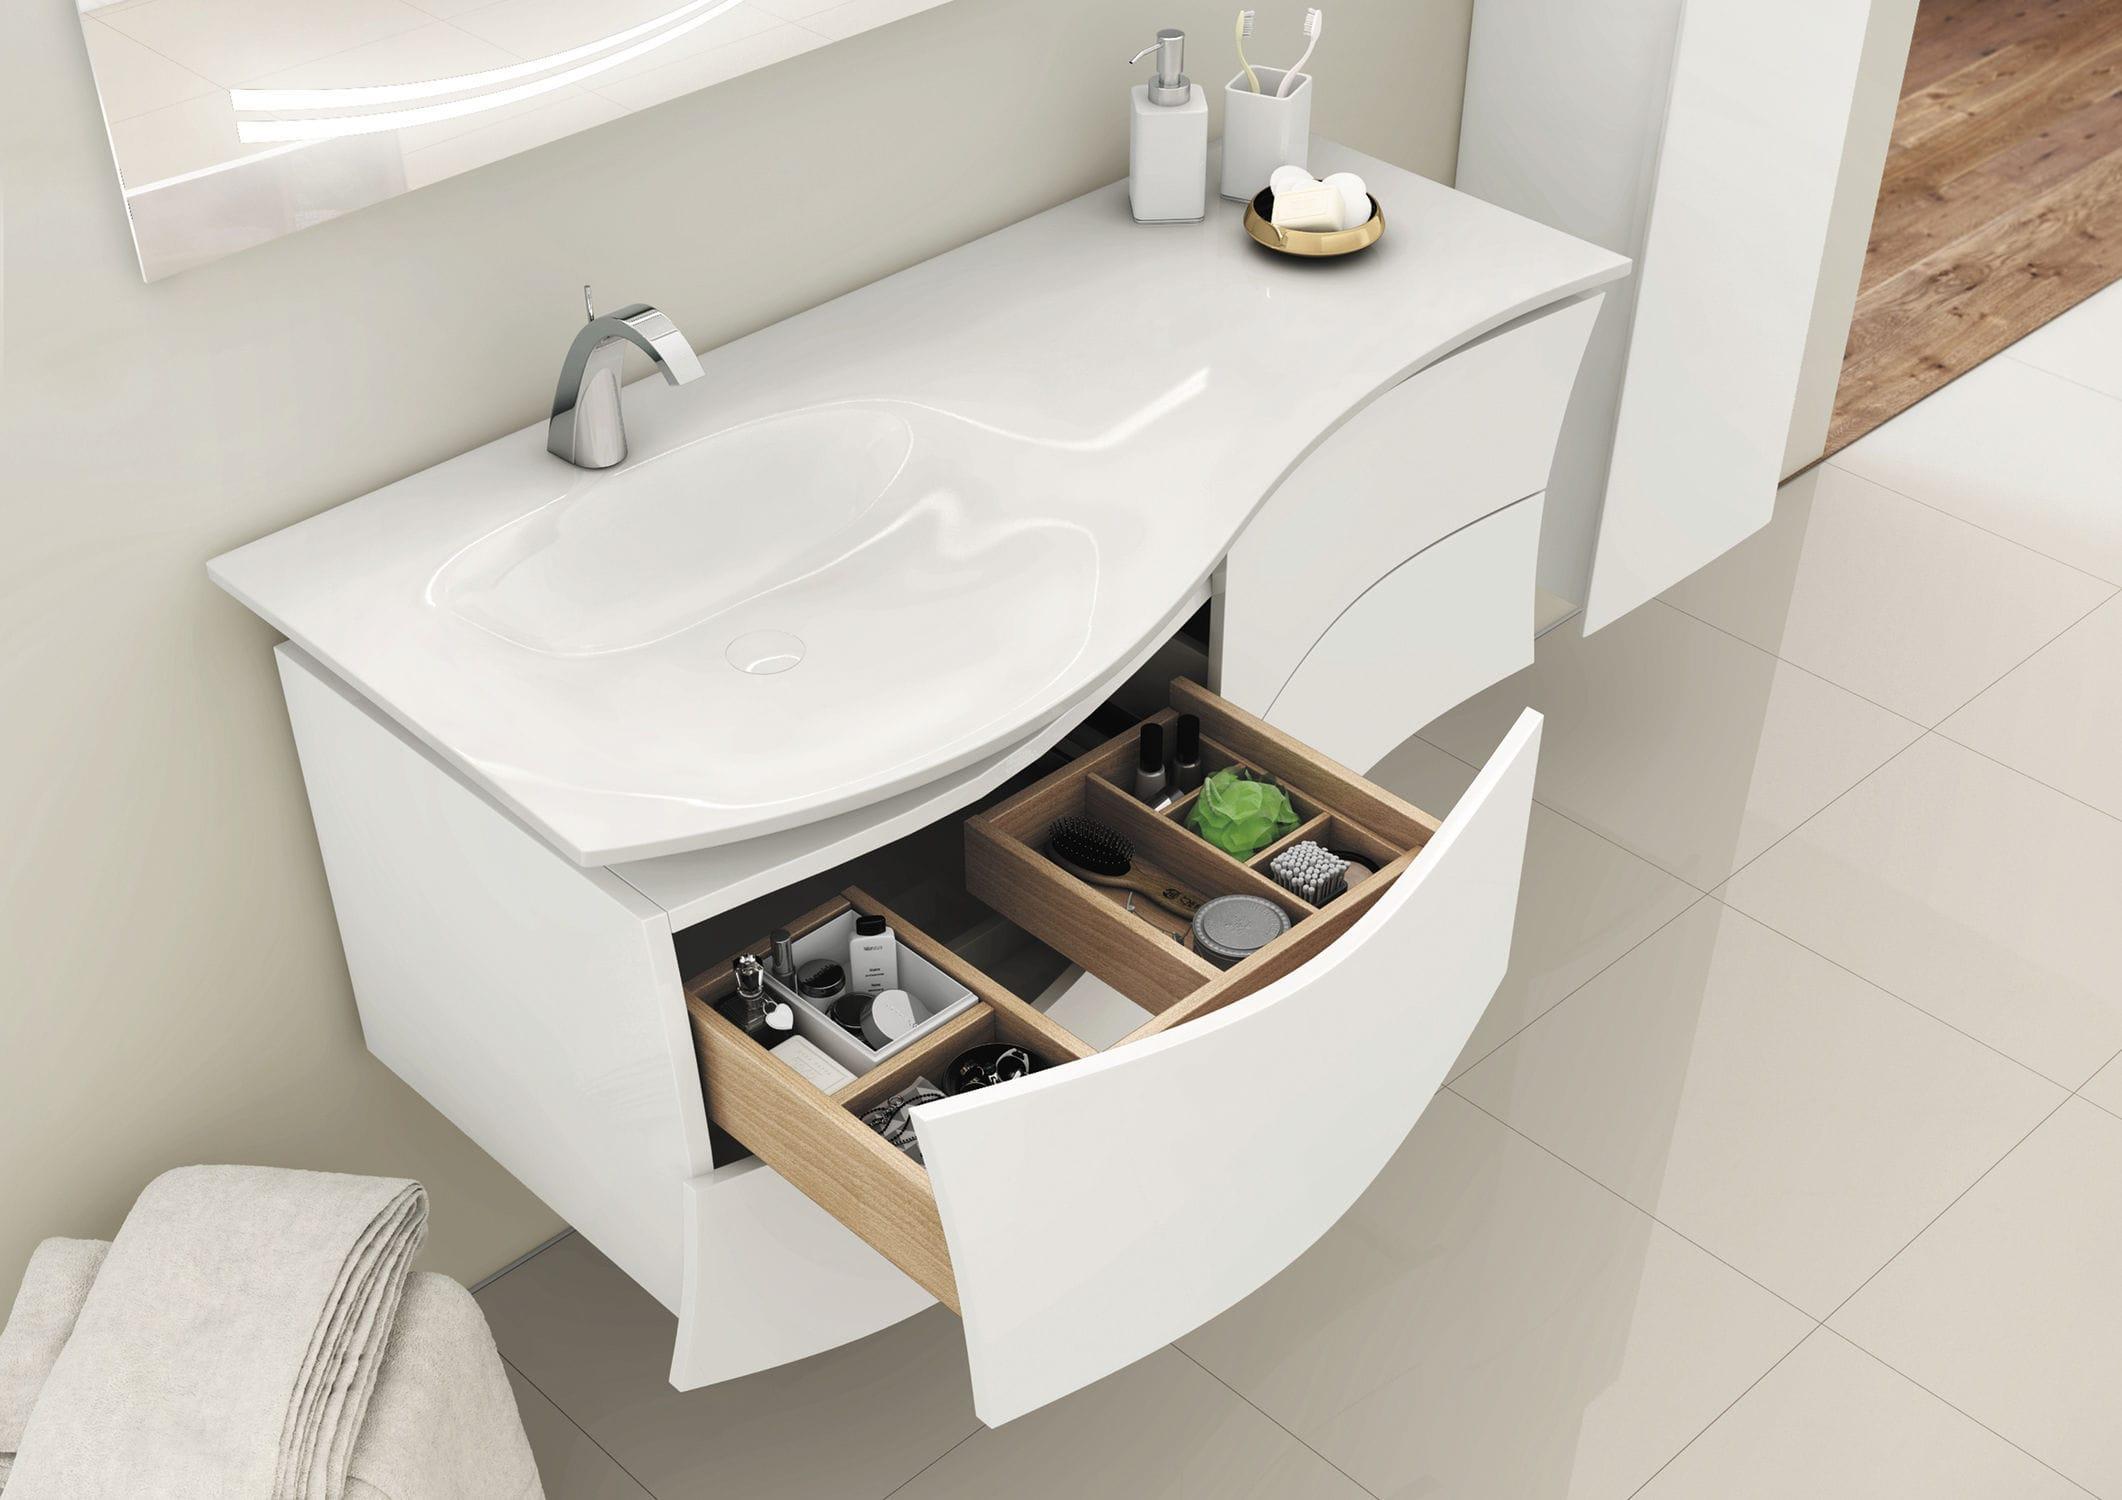 Waschtischunterschrank hängend  Hängend-Waschtischunterschrank / Holzfurnier / modern / mit ...